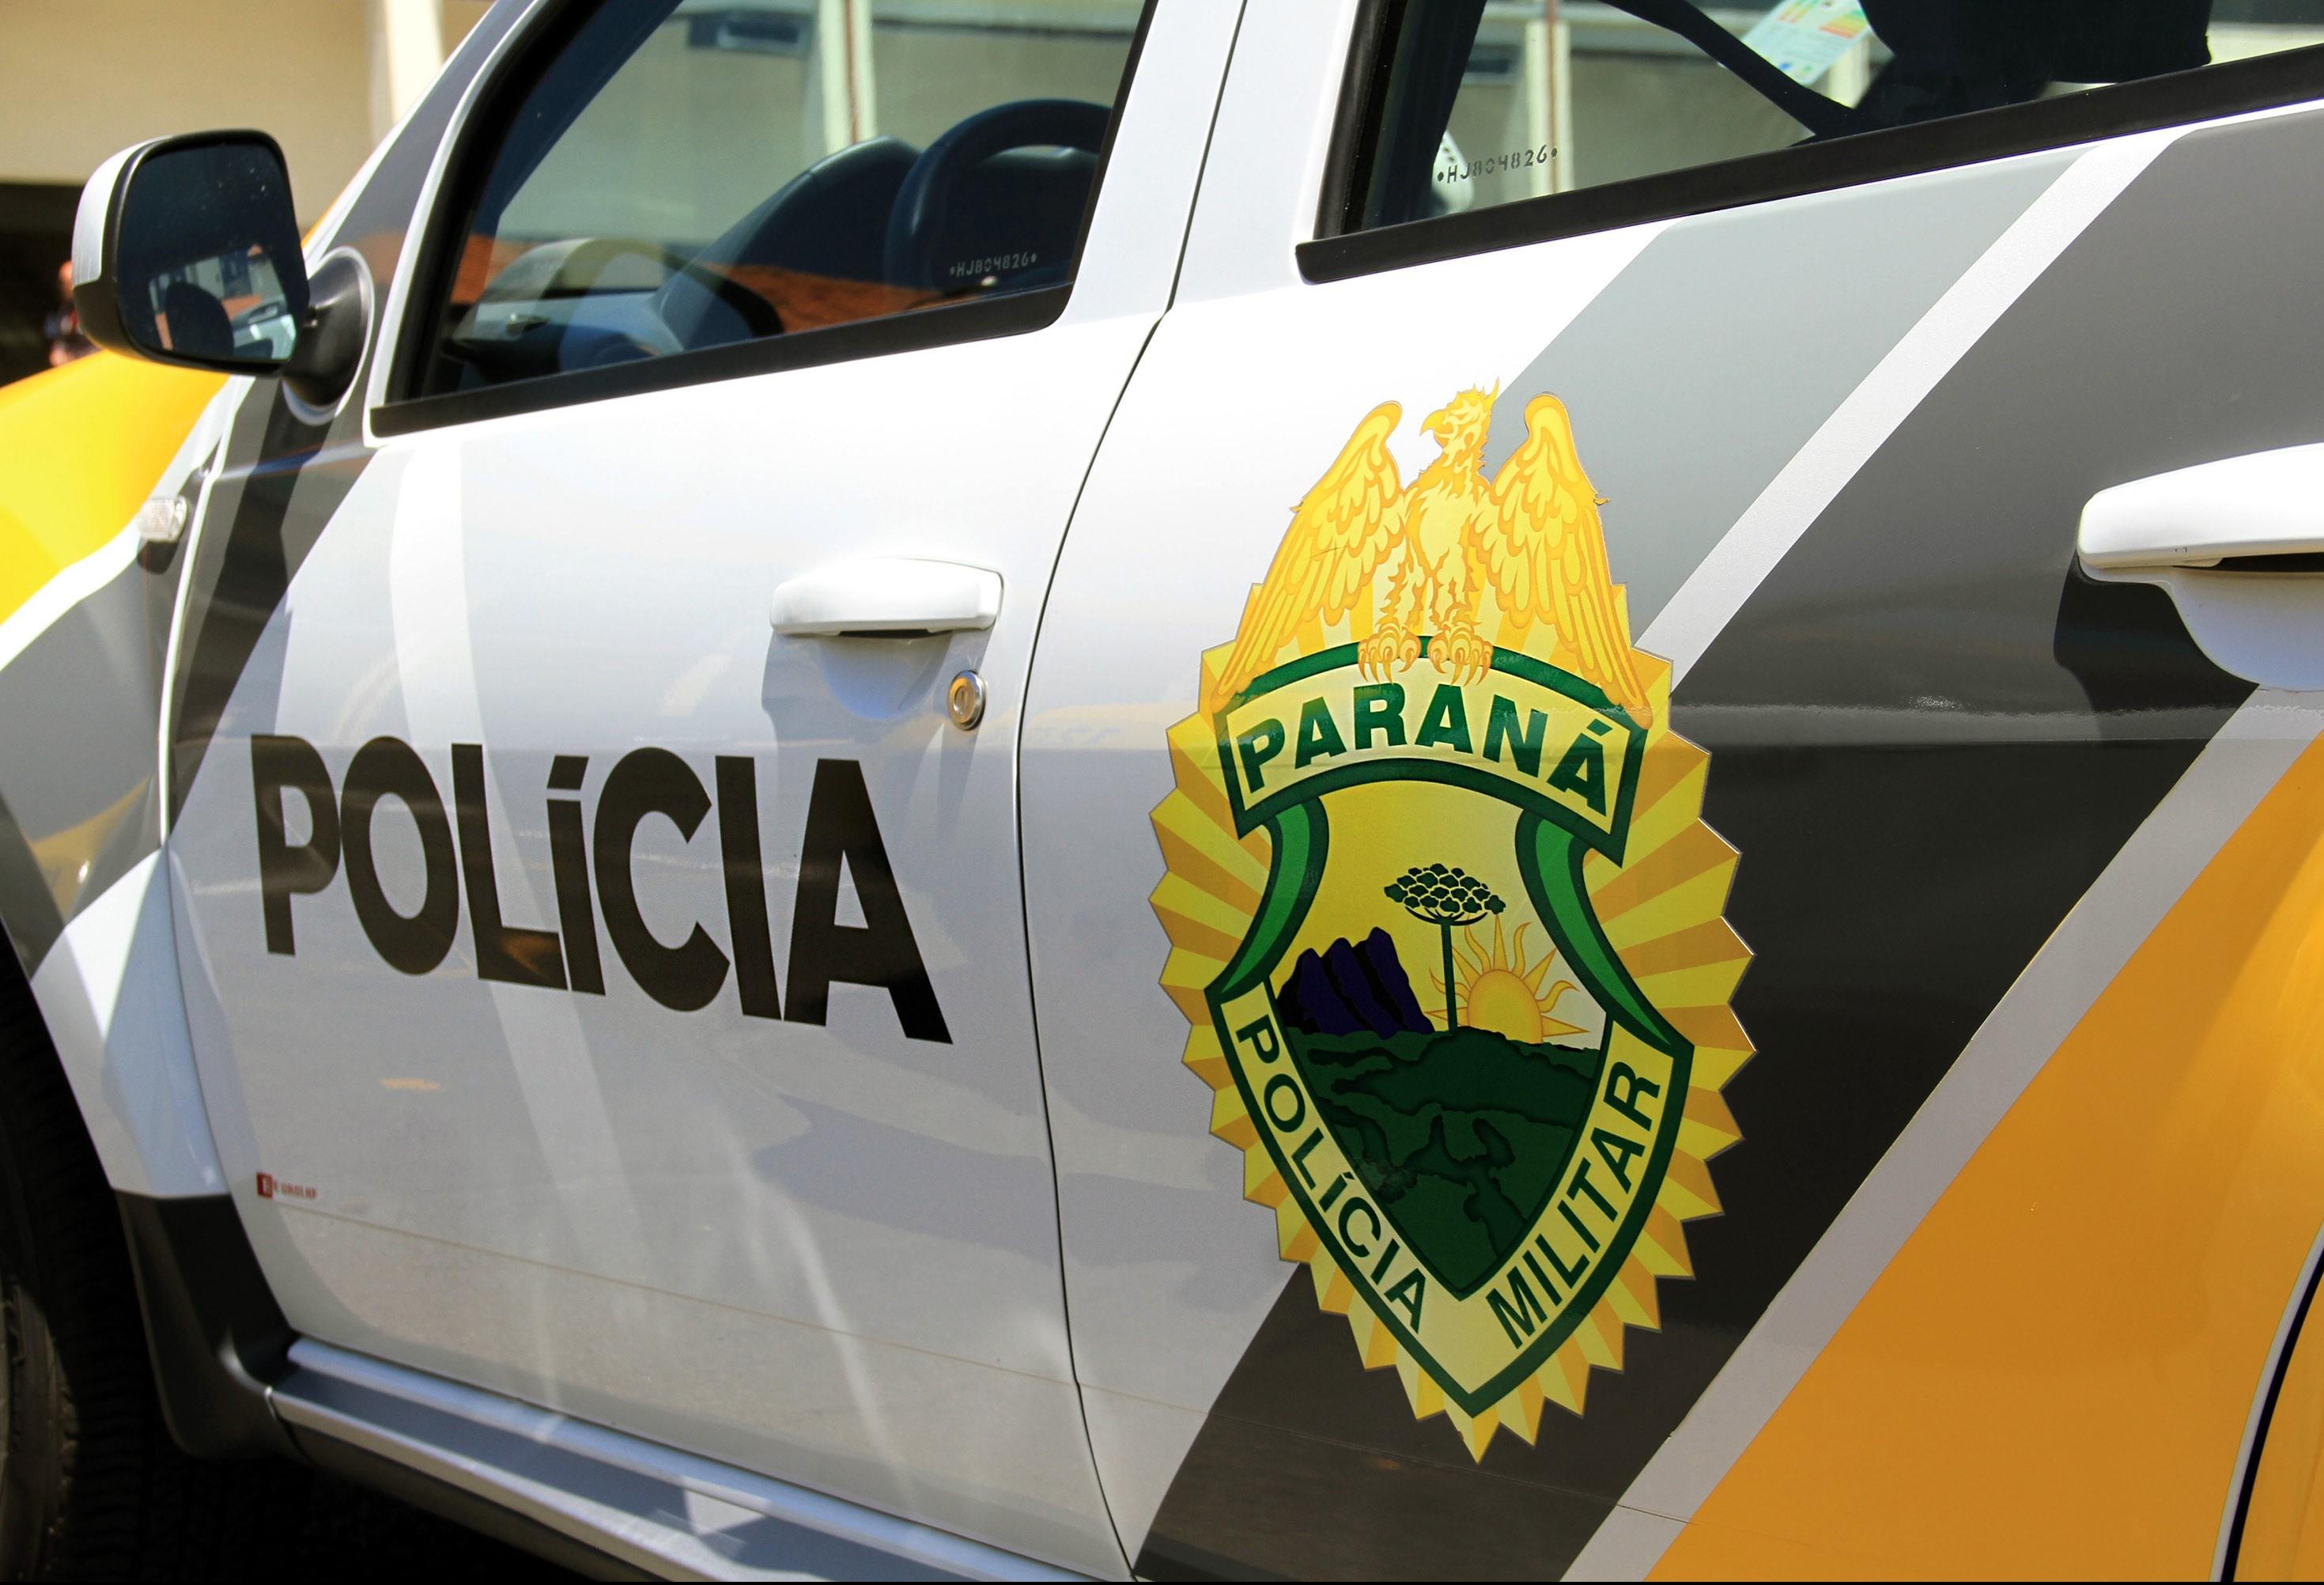 Policia Militar do Paraná completa 164 anos nessa sexta-feira (10)